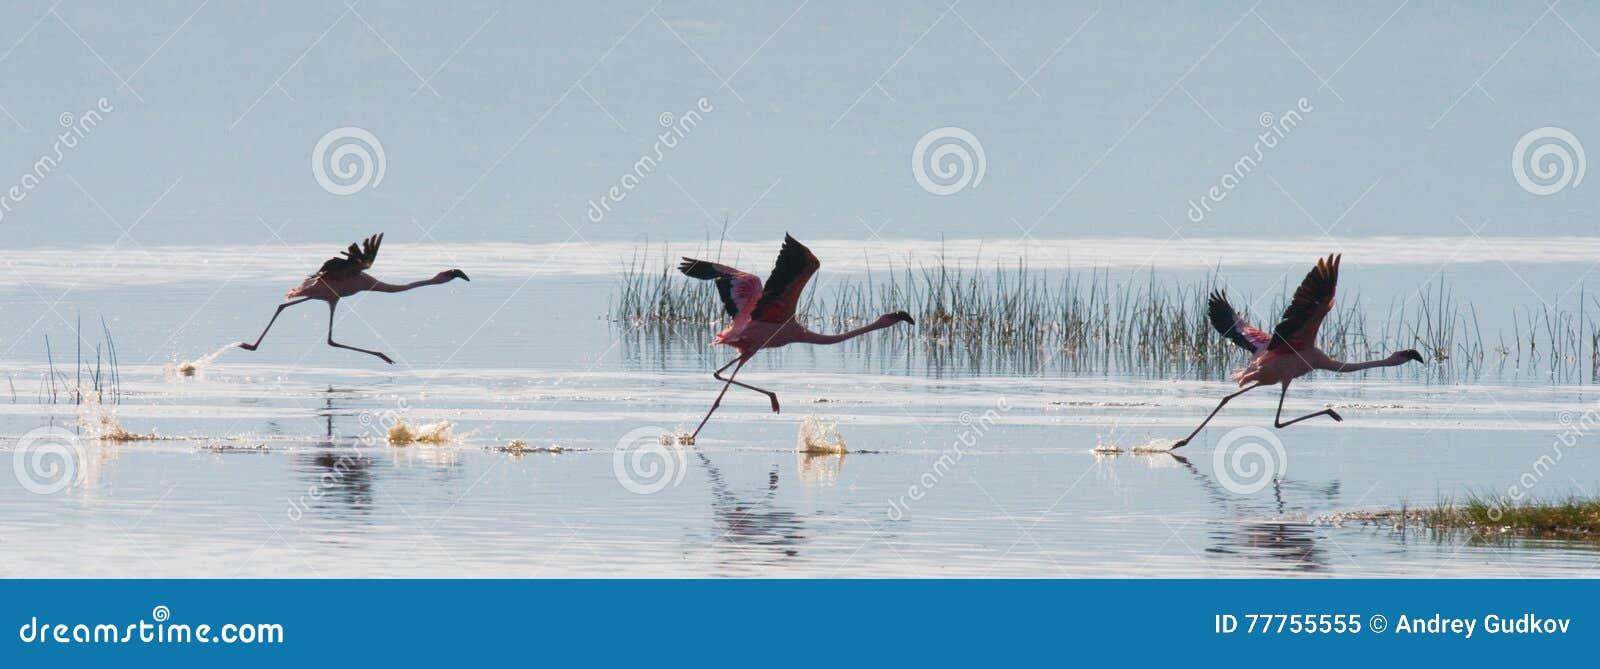 Стадо фламинго принимая  Кения вышесказанного Национальный парк Nakuru Национальный заповедник Bogoria озера